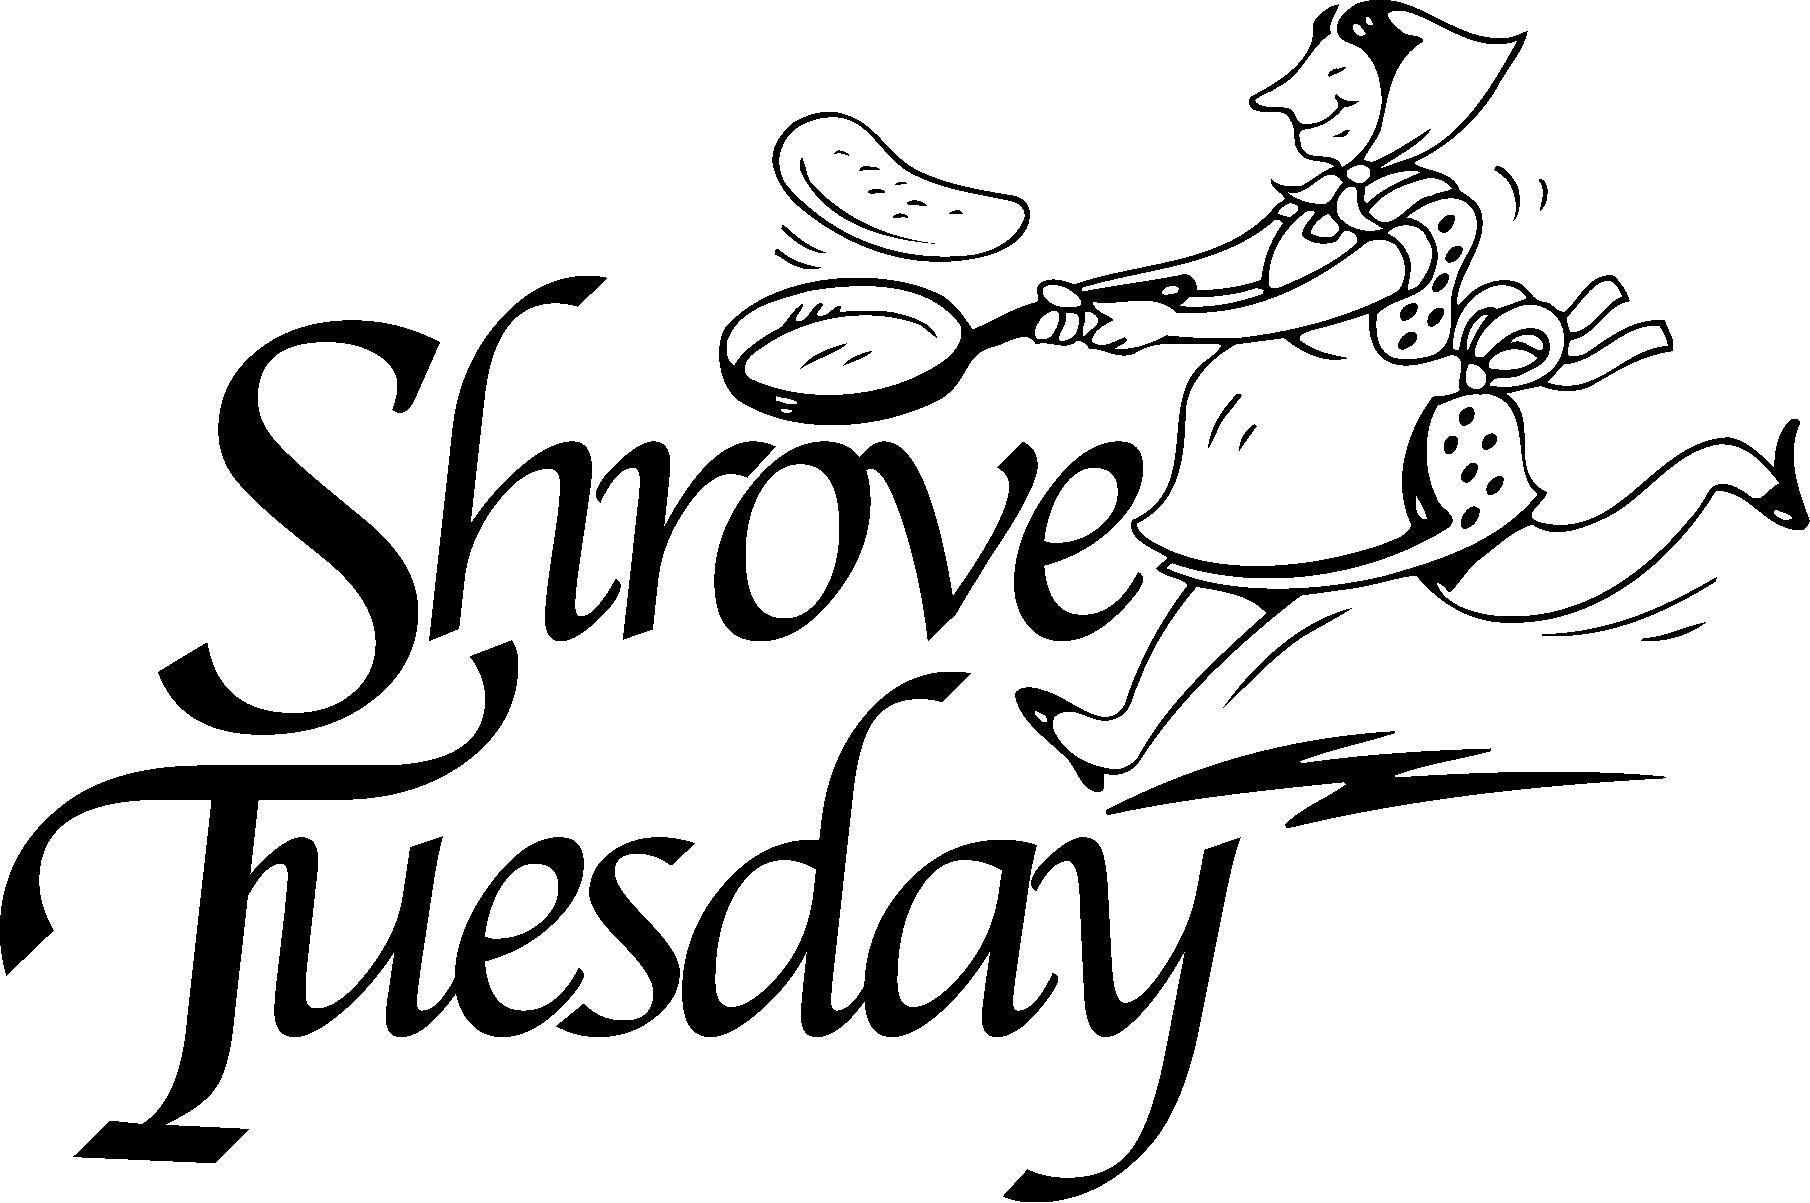 Shrove Tuesday Pancake Day